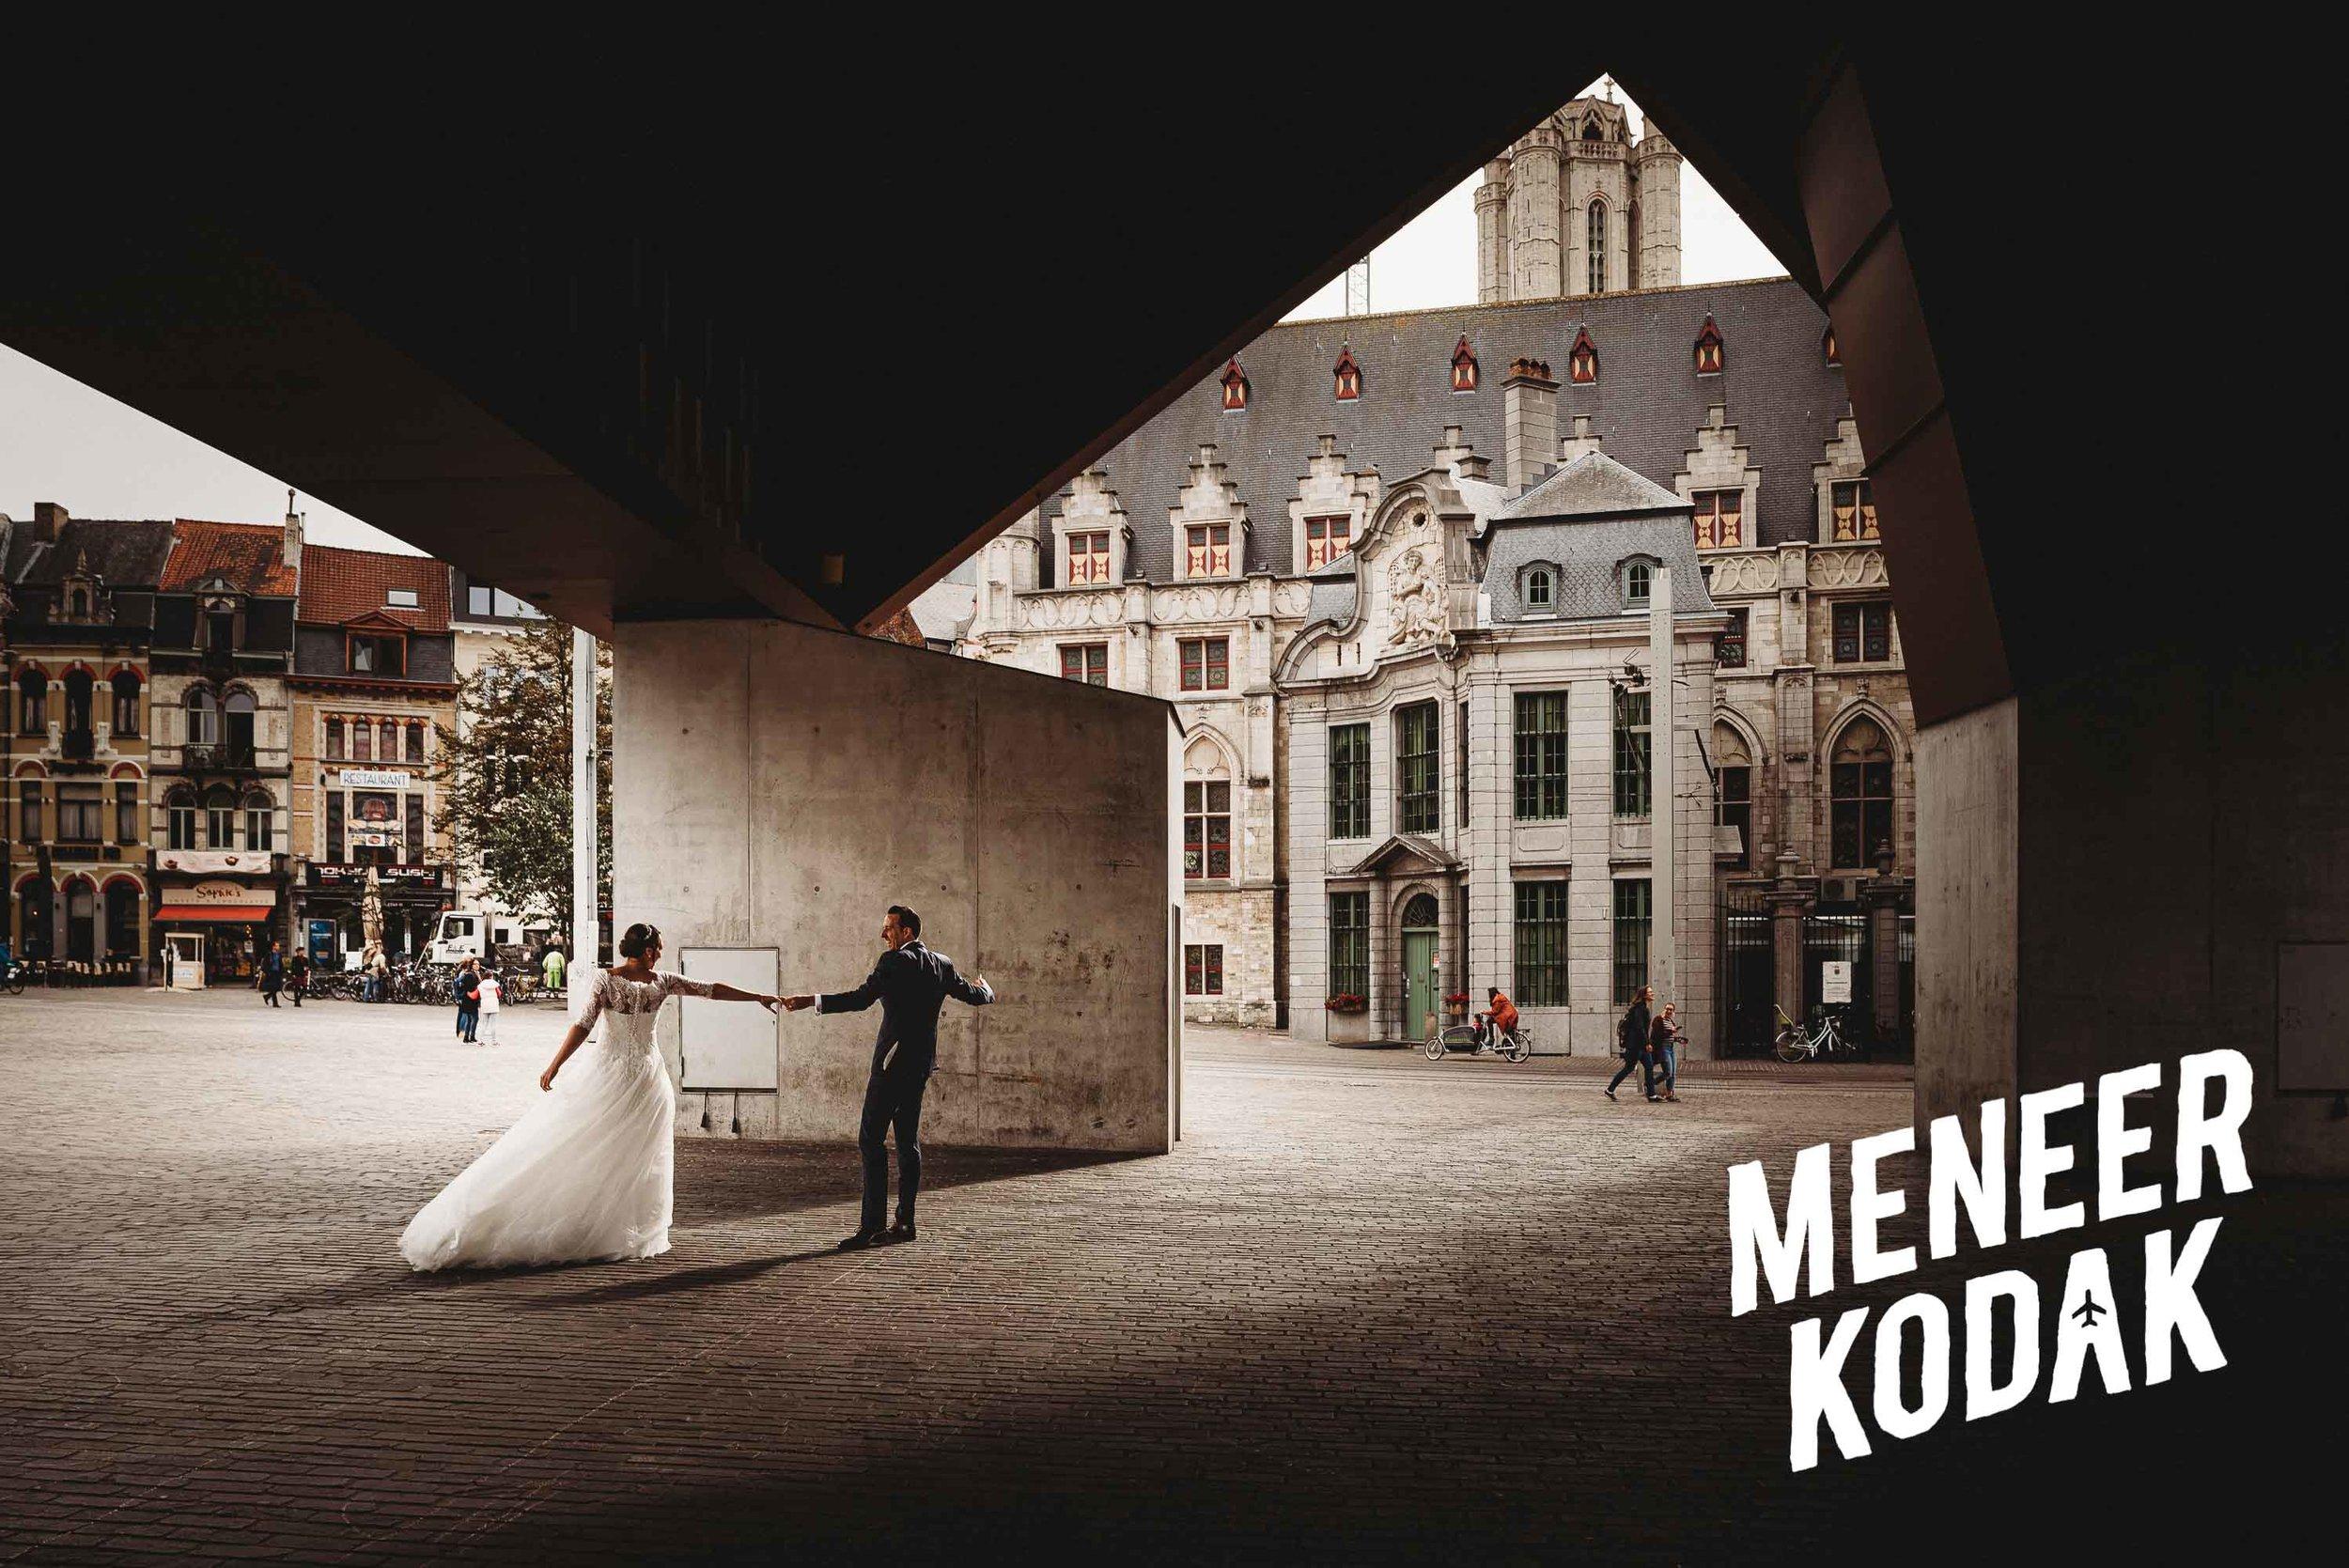 Meneer Kodak - Trouwfotograaf - Gent - D&T-034.jpg